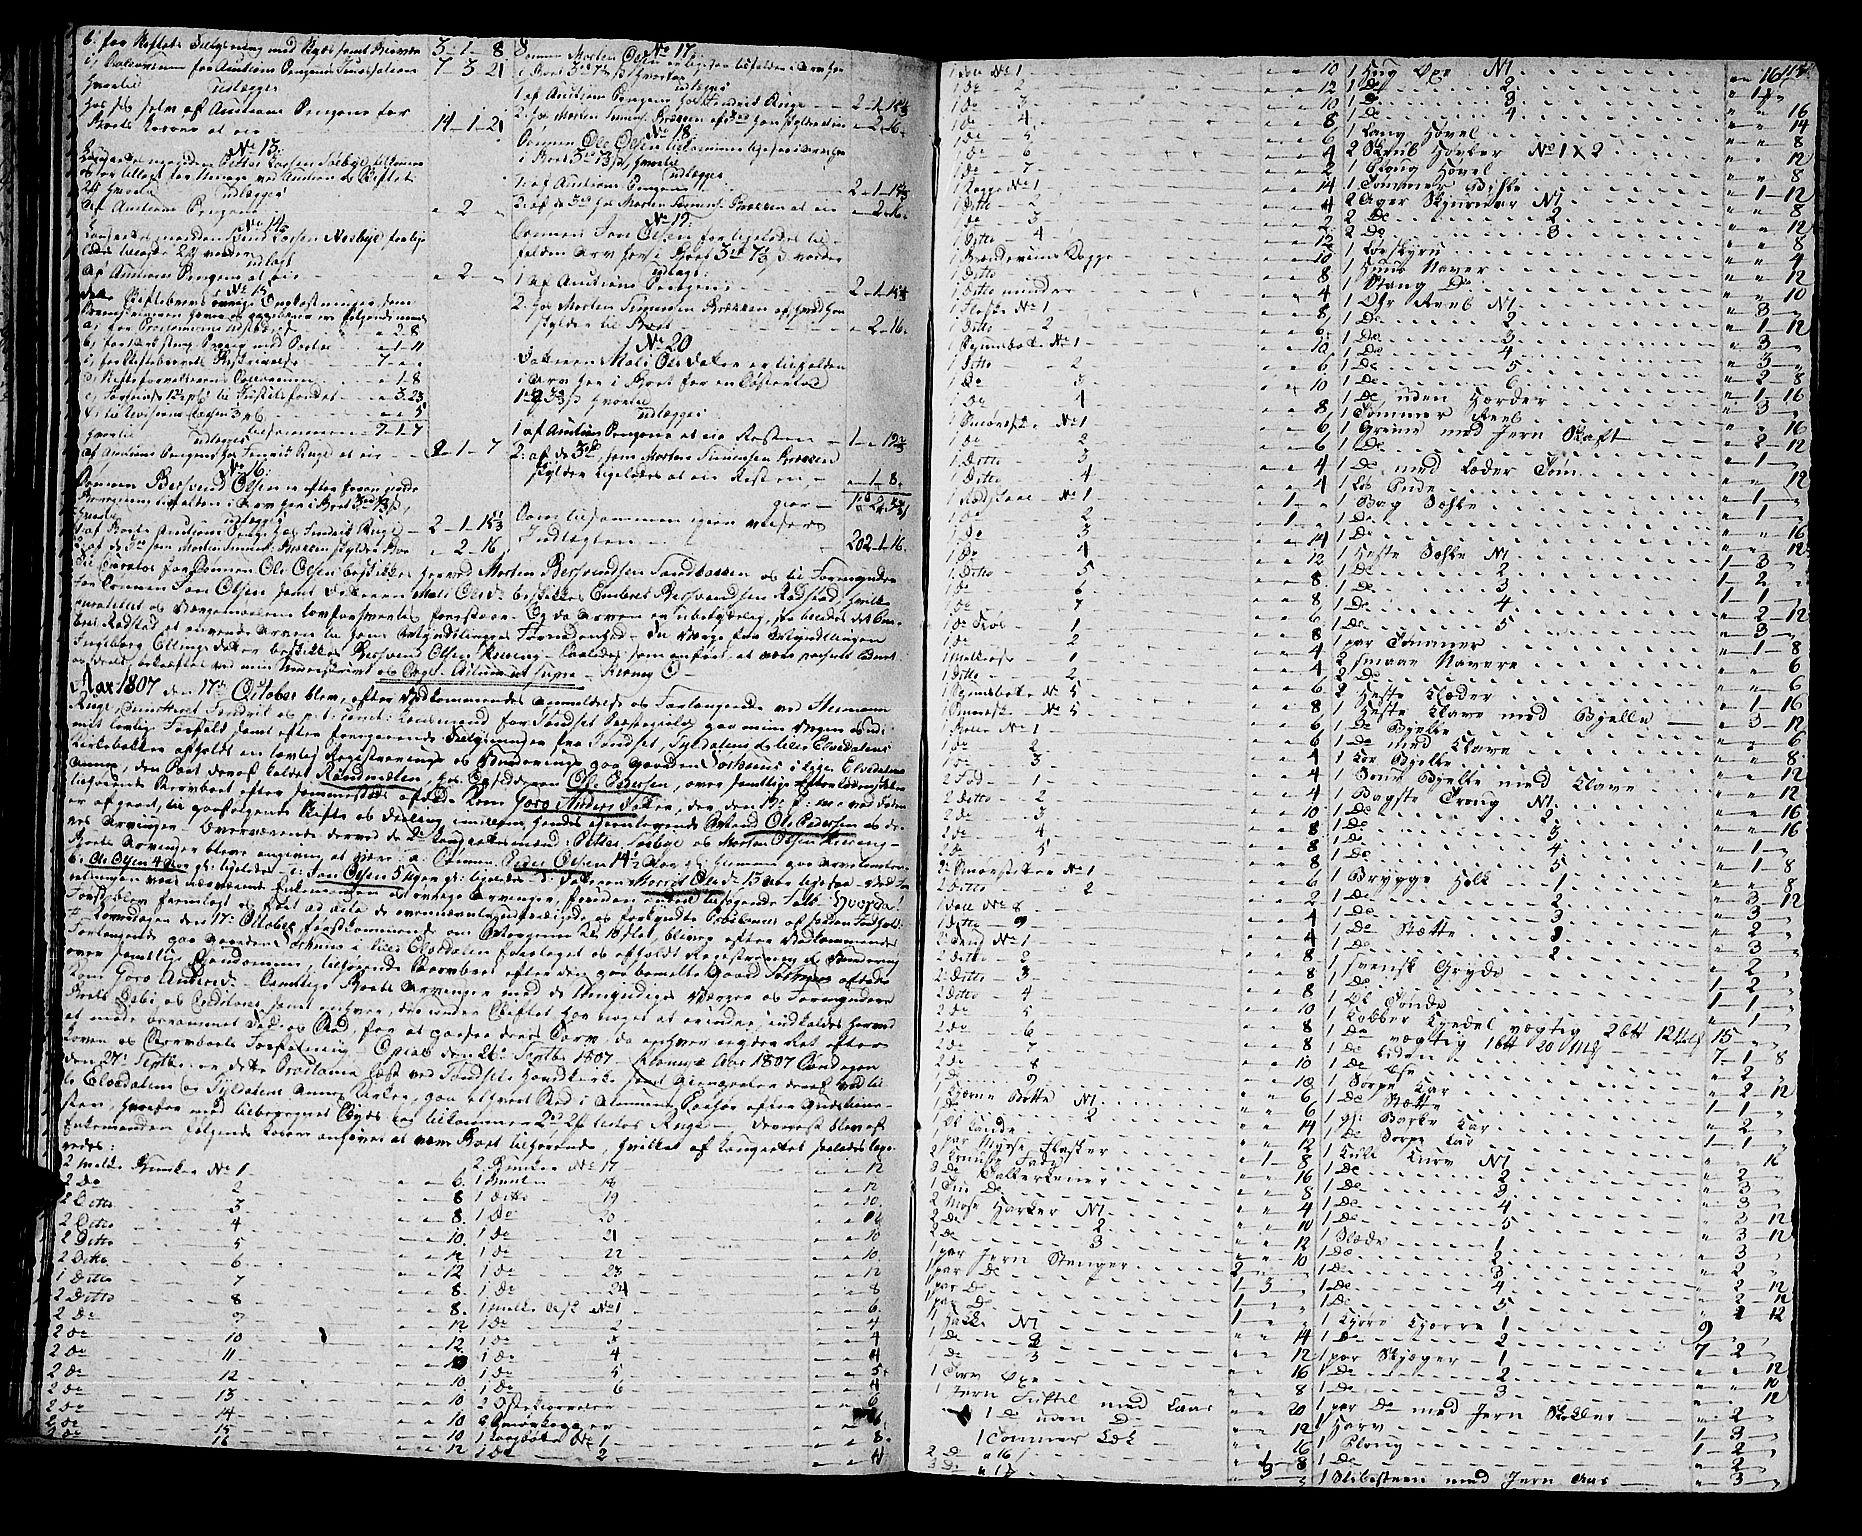 SAH, Østerdalen sorenskriveri, J/Ja/L0010: Skifteprotokoll, 1806-1810, s. 114b-115a